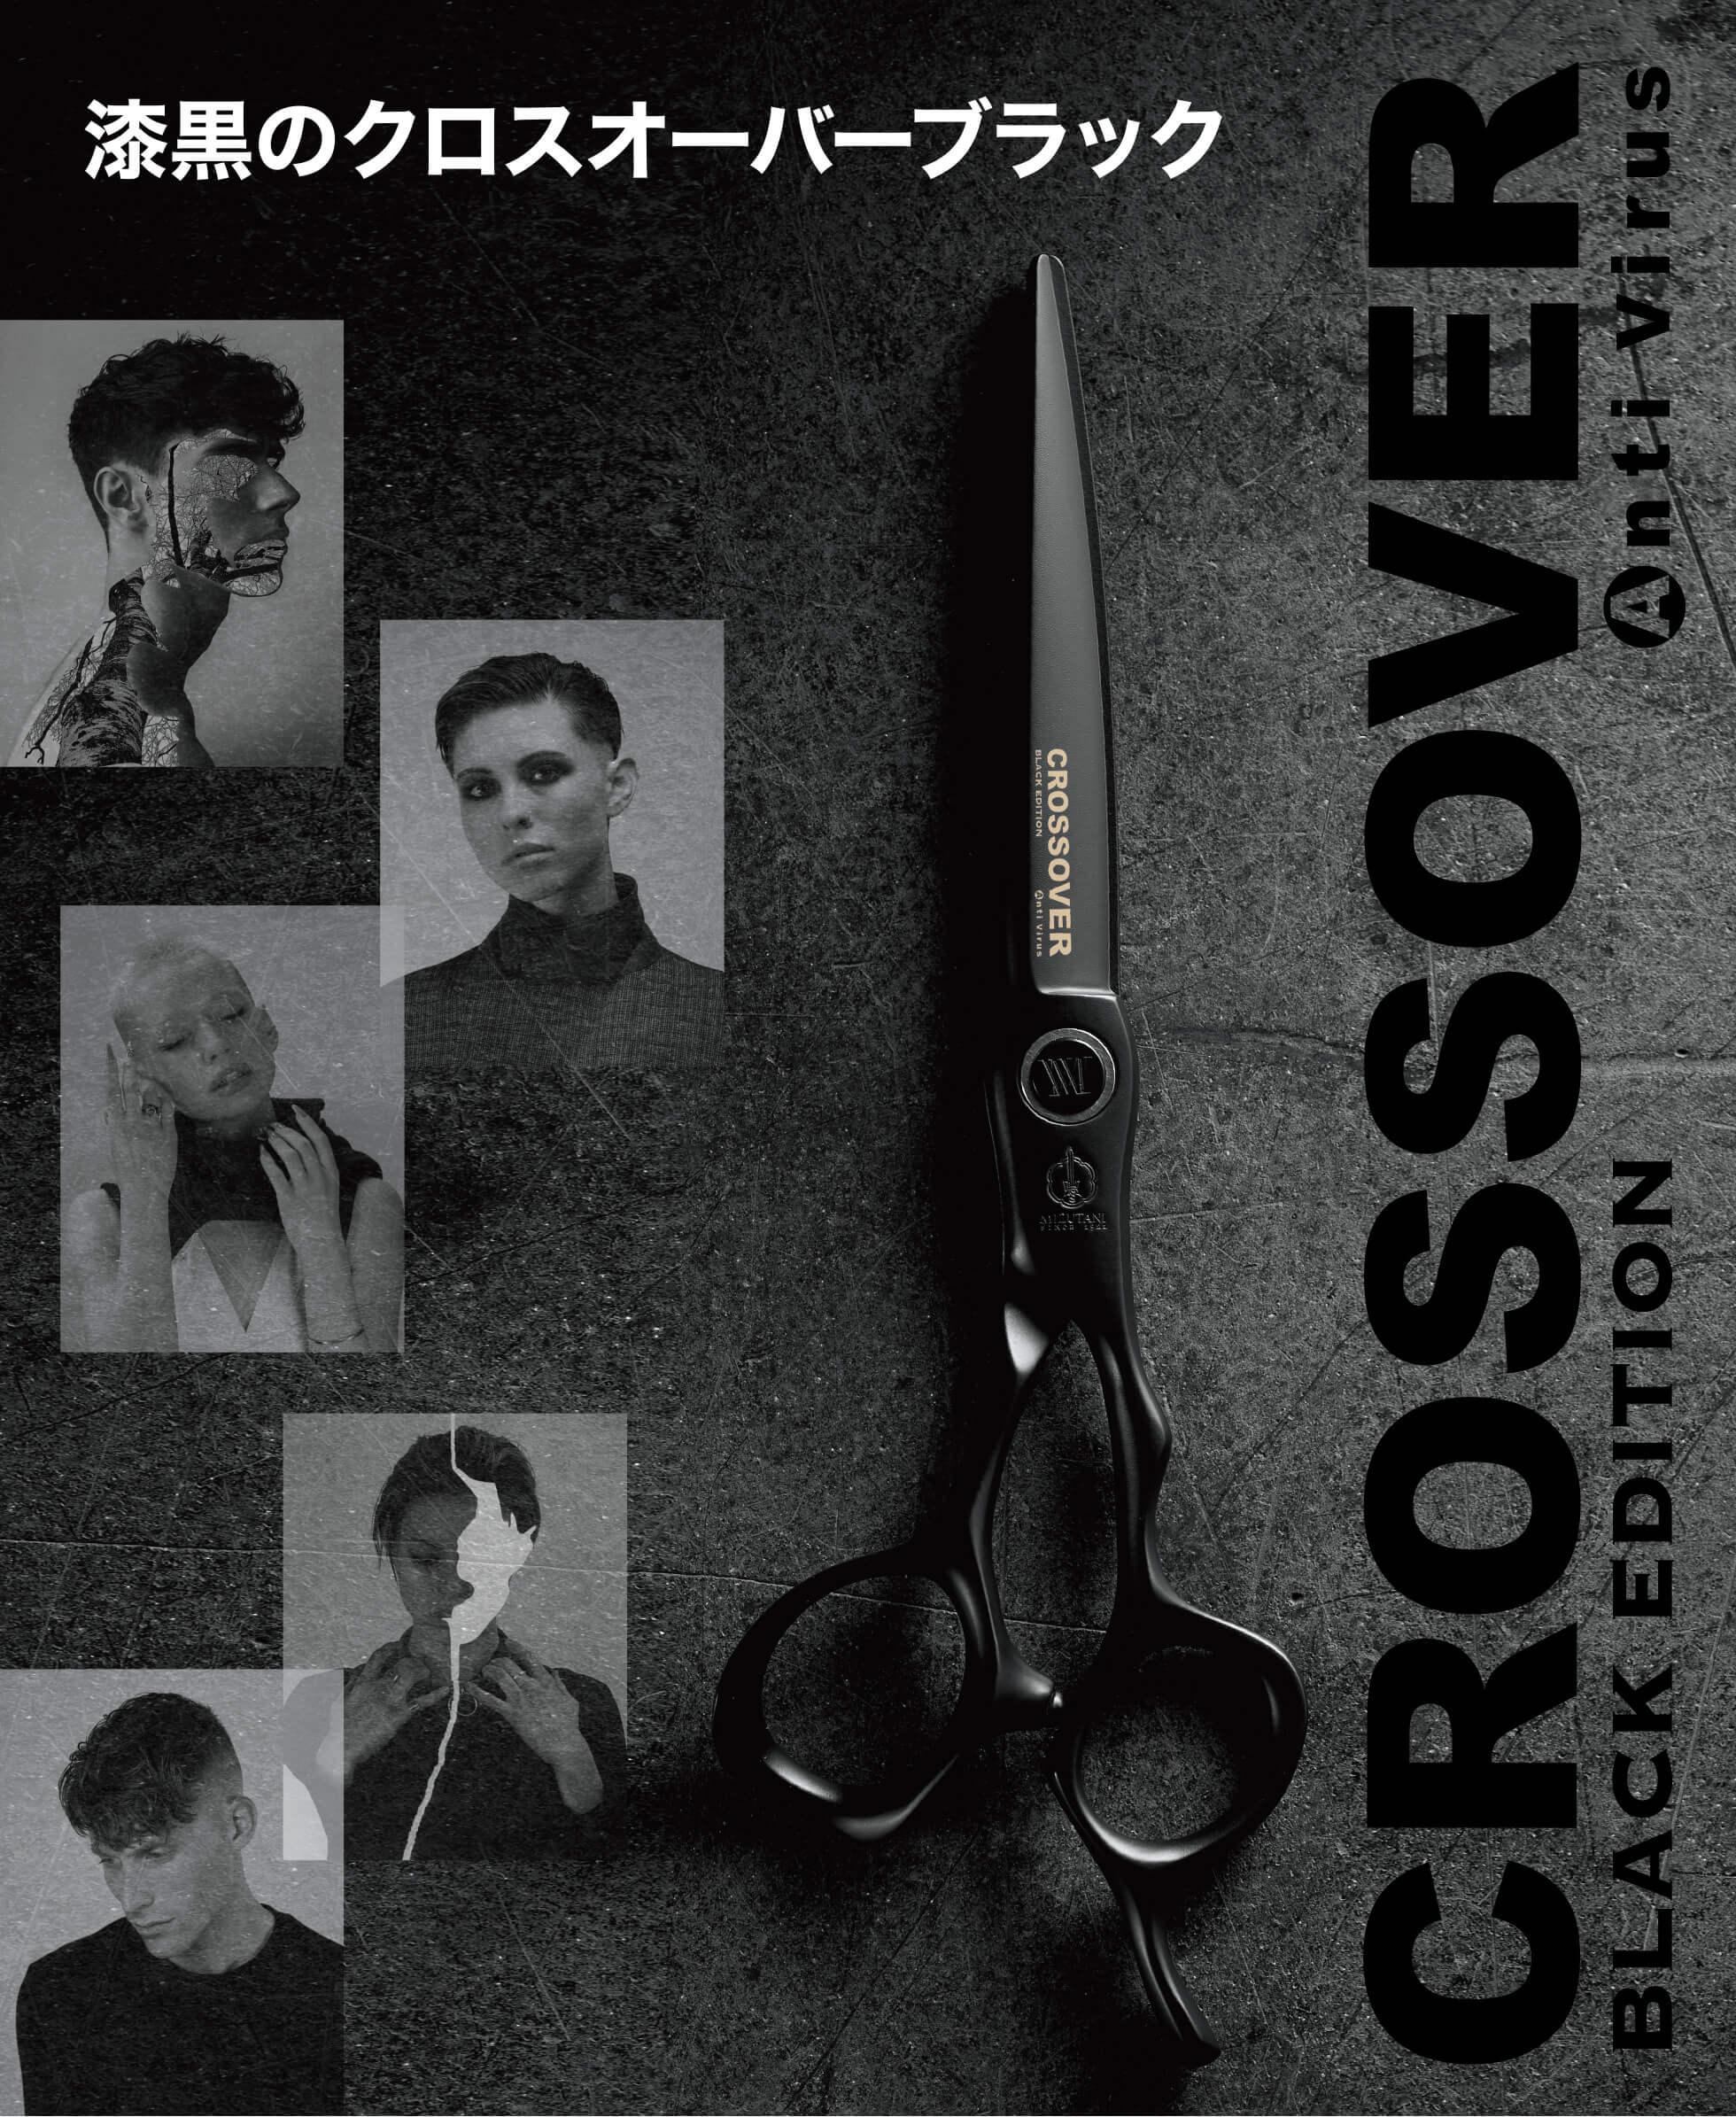 ACRO CROSSOVER BLACK EDITION